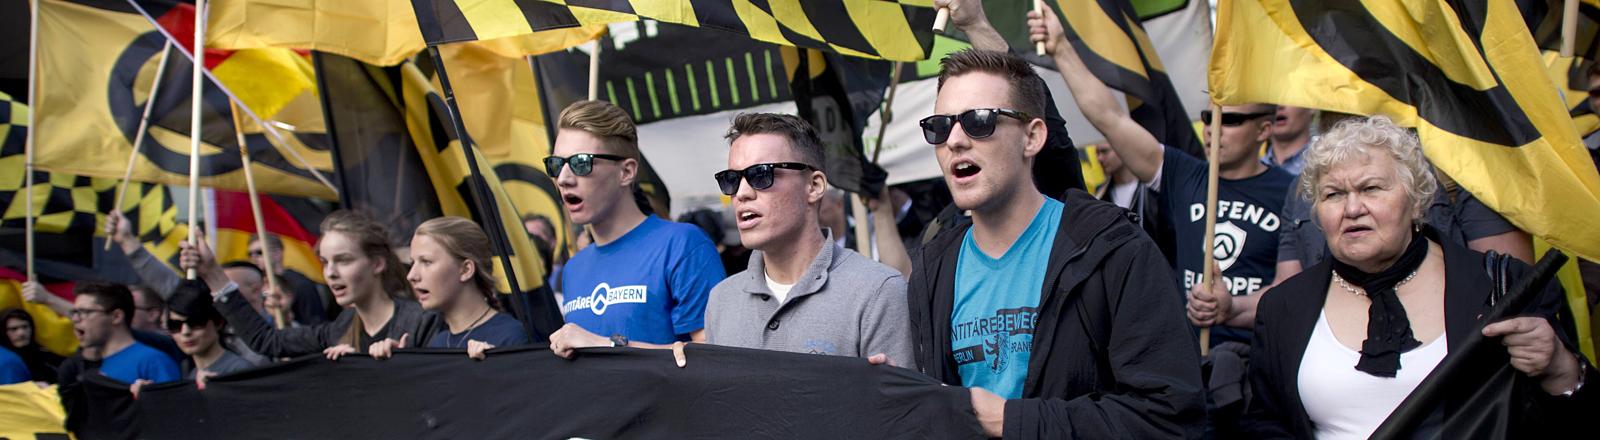 Menschen mit gelb-schwarzen Fahnen